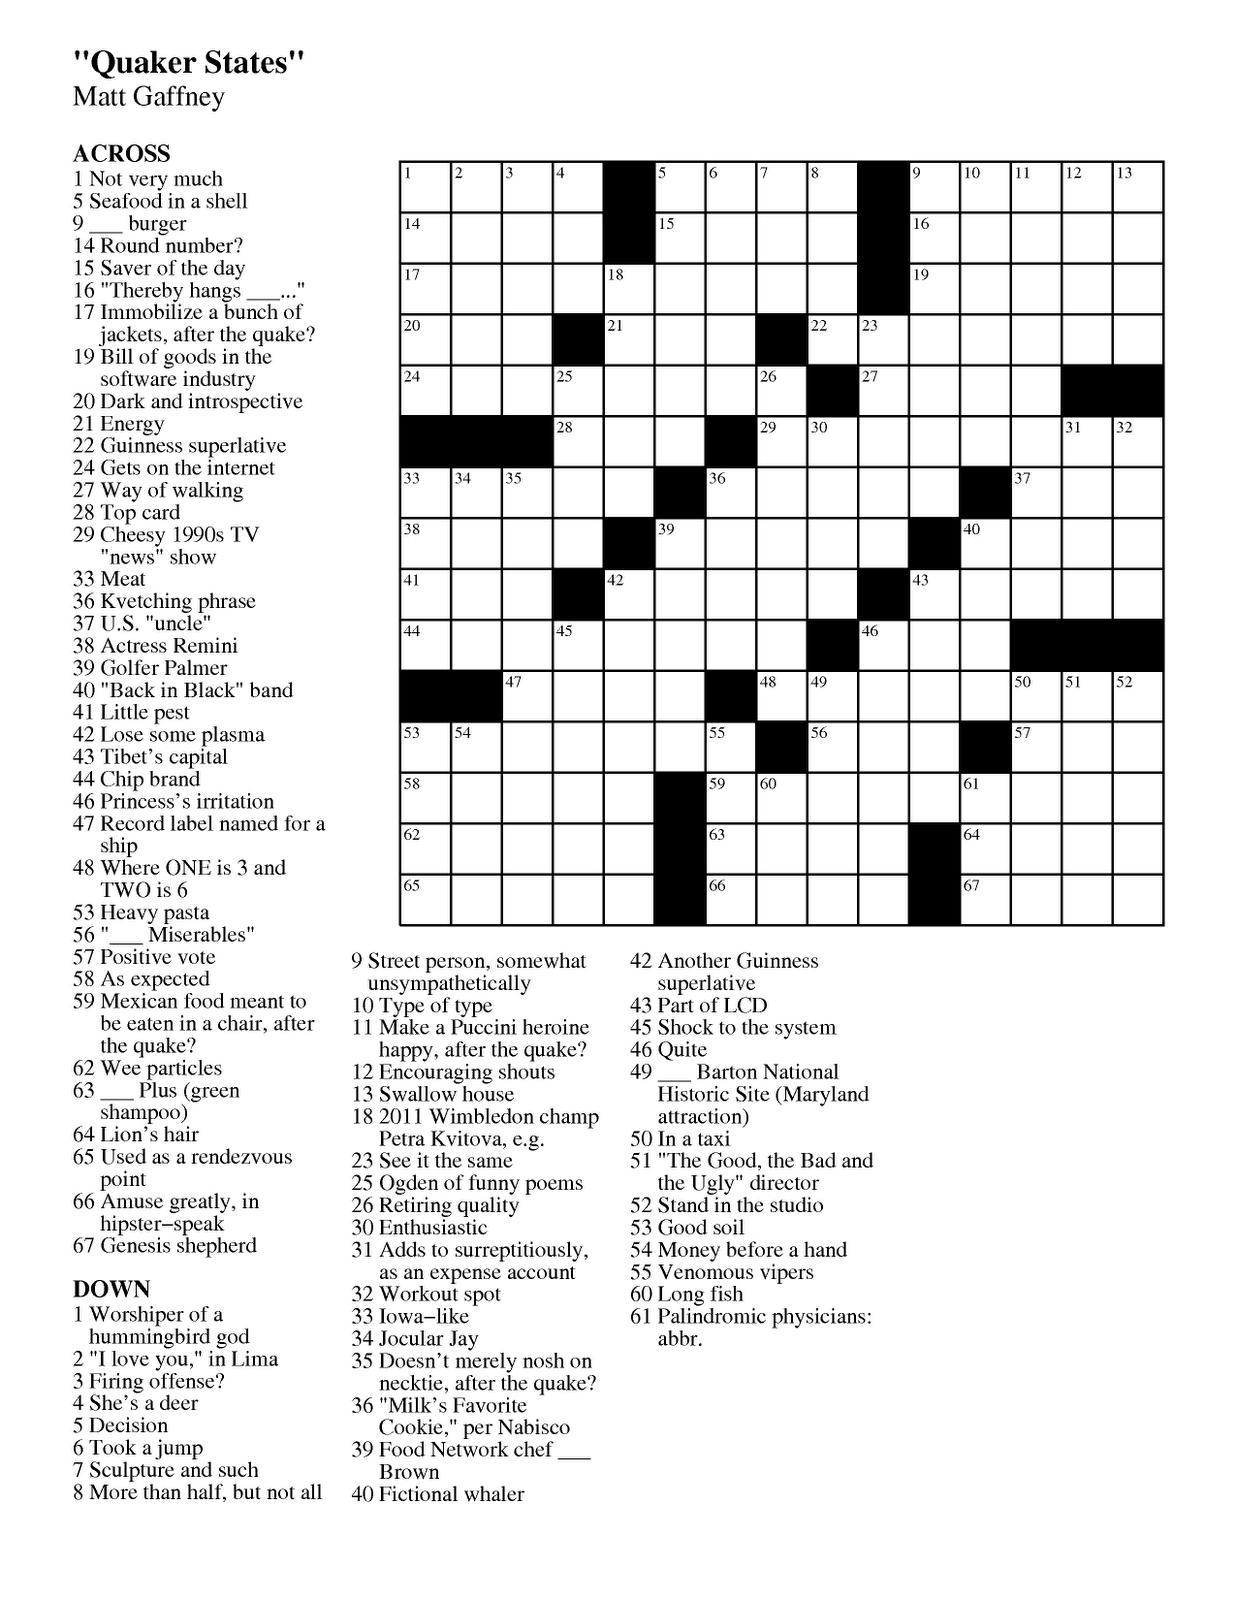 Summer Crossword Puzzle Worksheet - Free Esl Printable Worksheets - High School Crossword Puzzles Printable